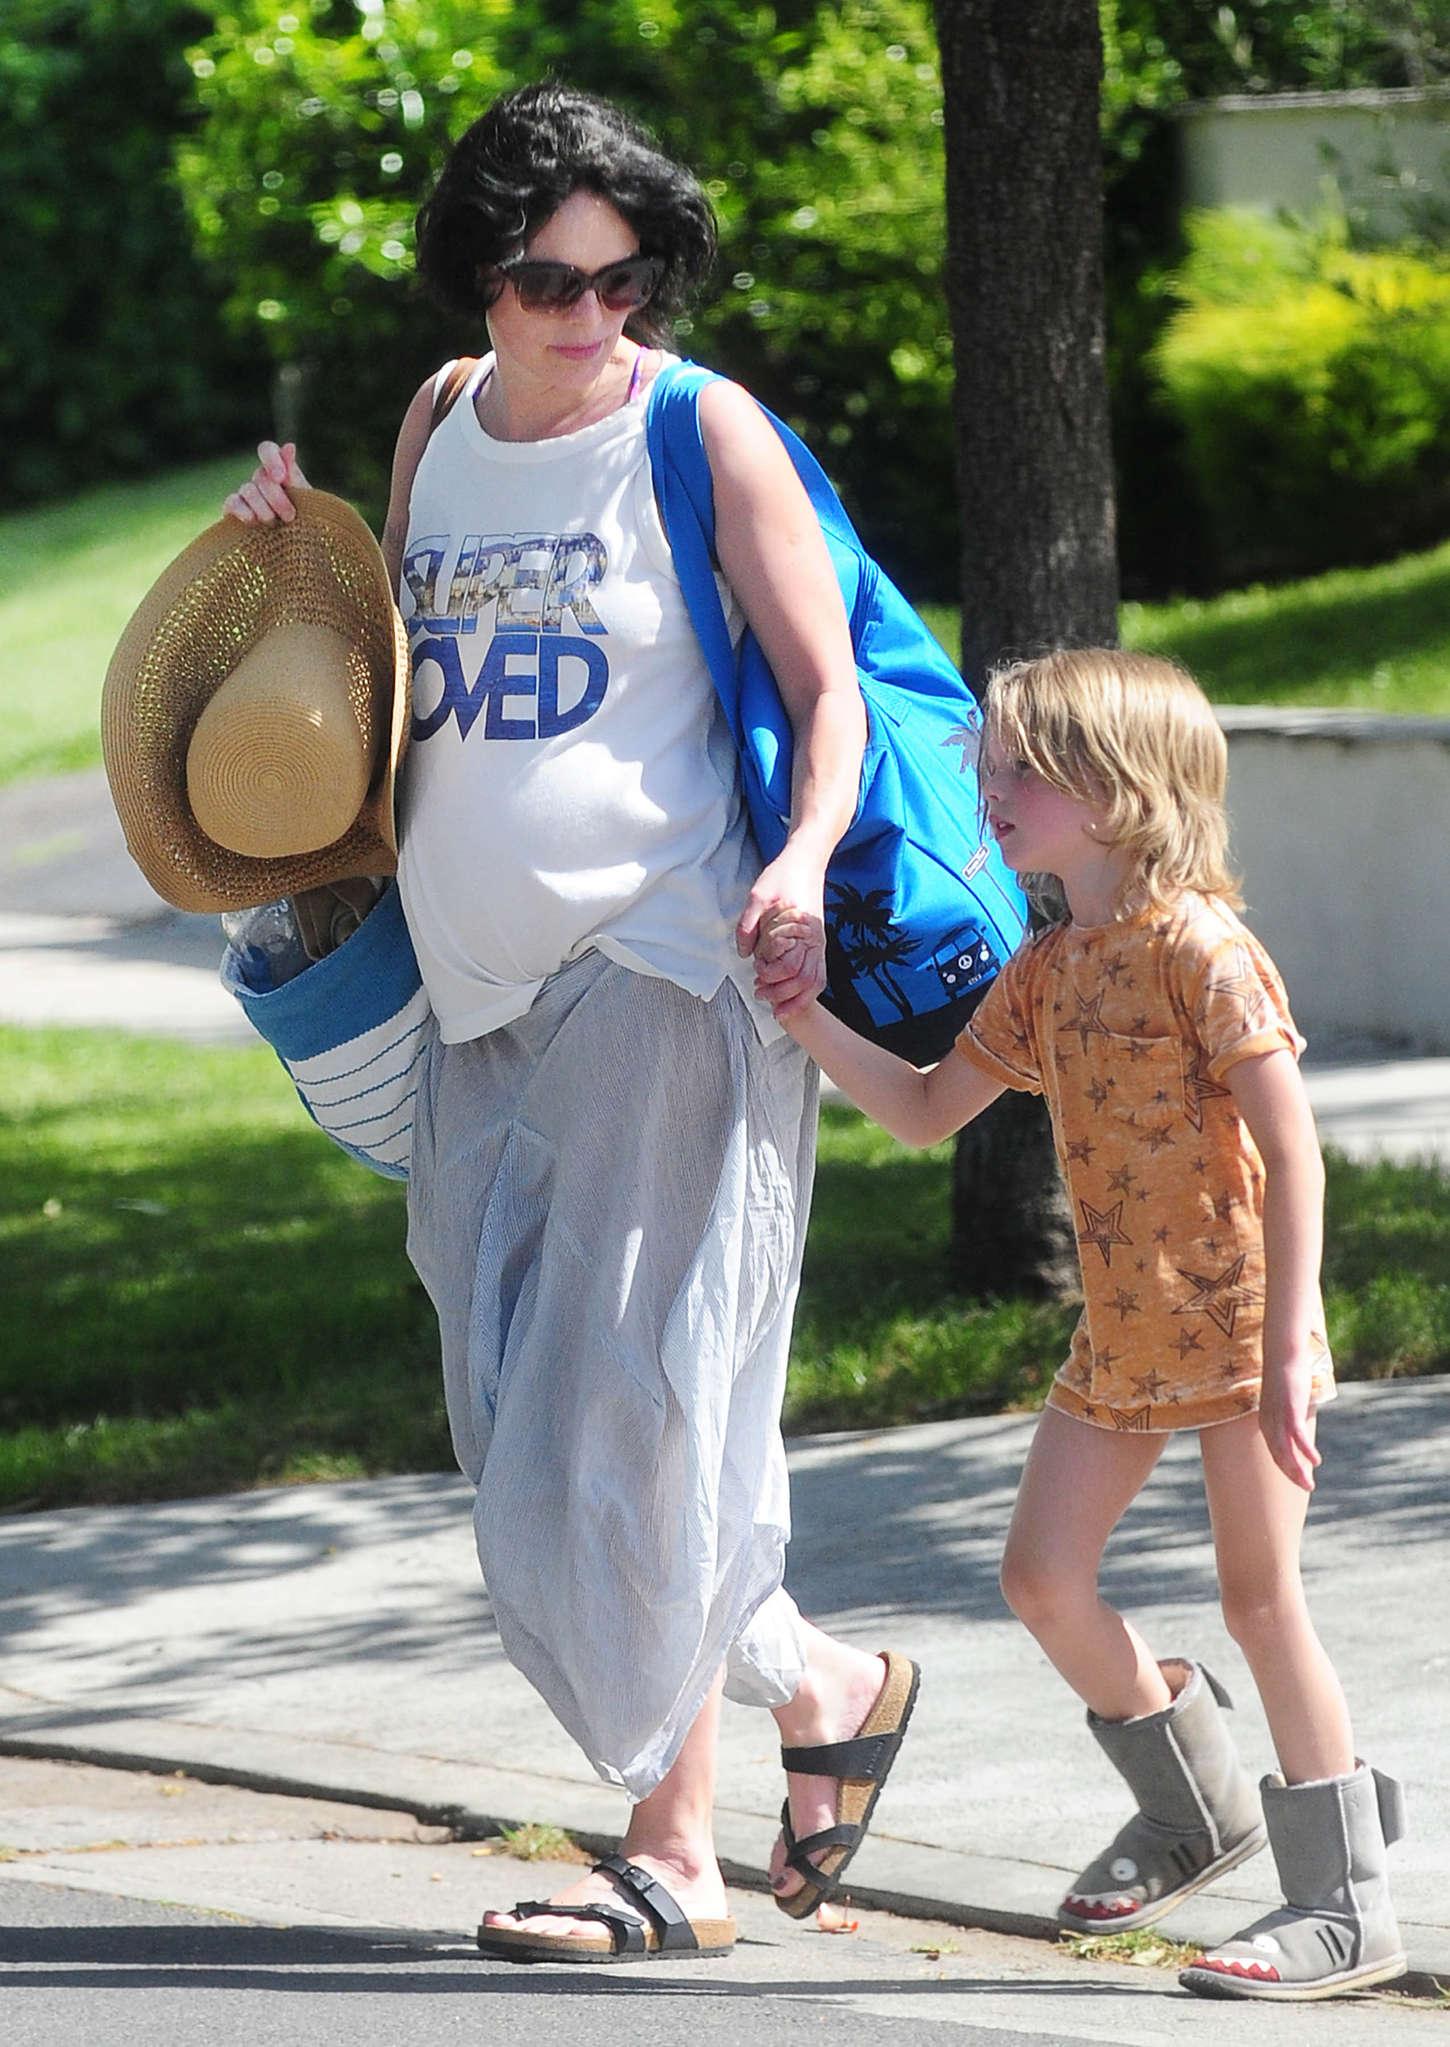 Lena Headey 2015 : Lena Headey: Leaving a pool party with her son -04